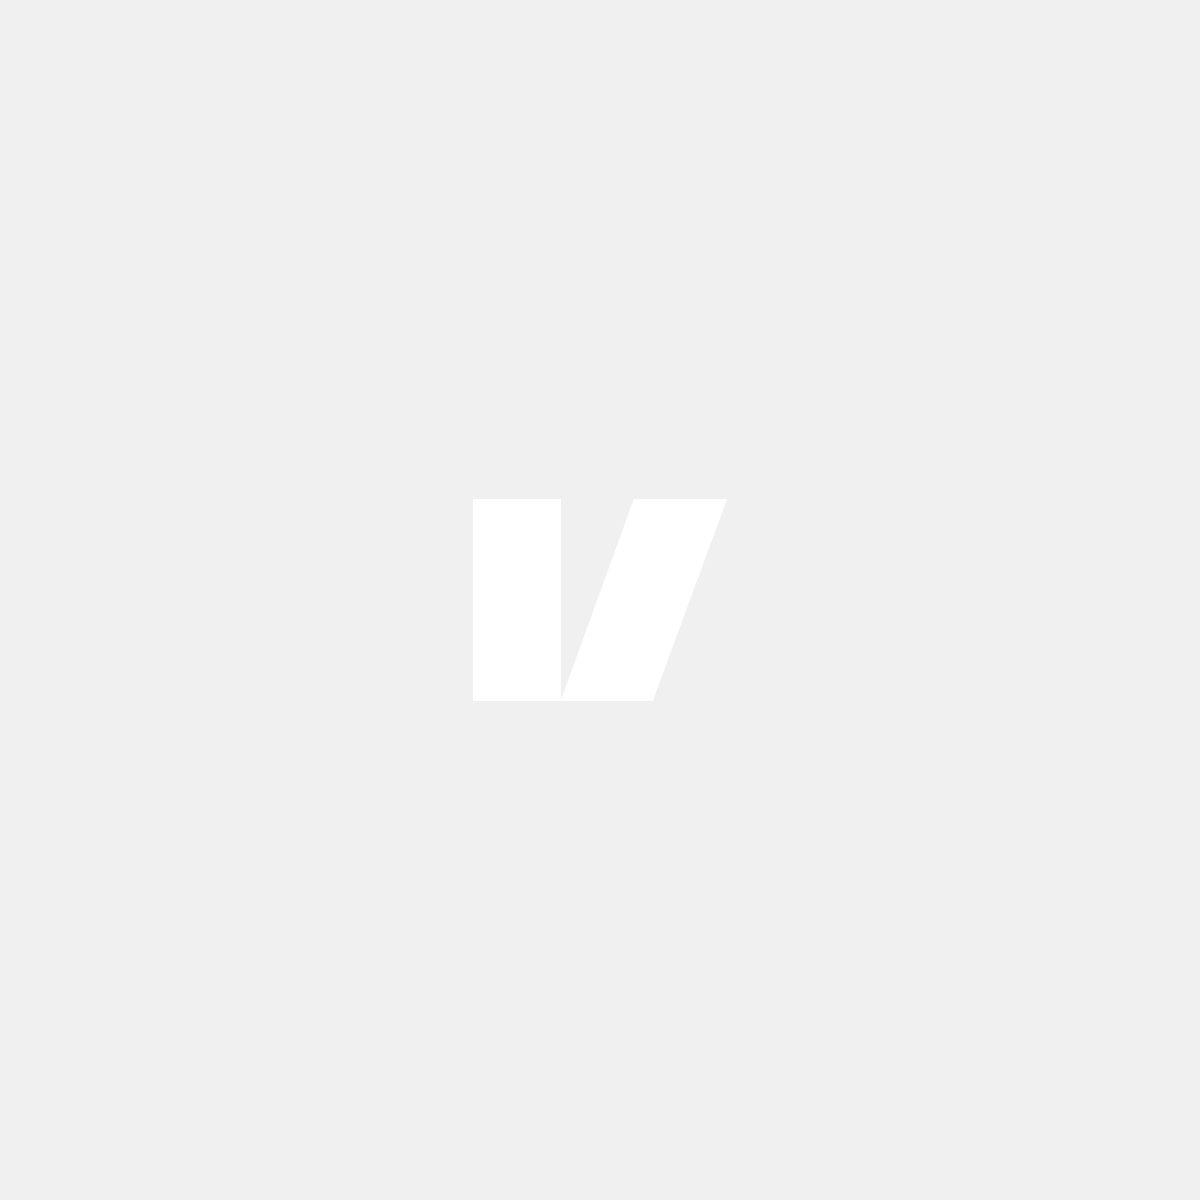 ABS Styrenhet till Volvo S70, V70, V70n, C70, S60, S80, 8 hål